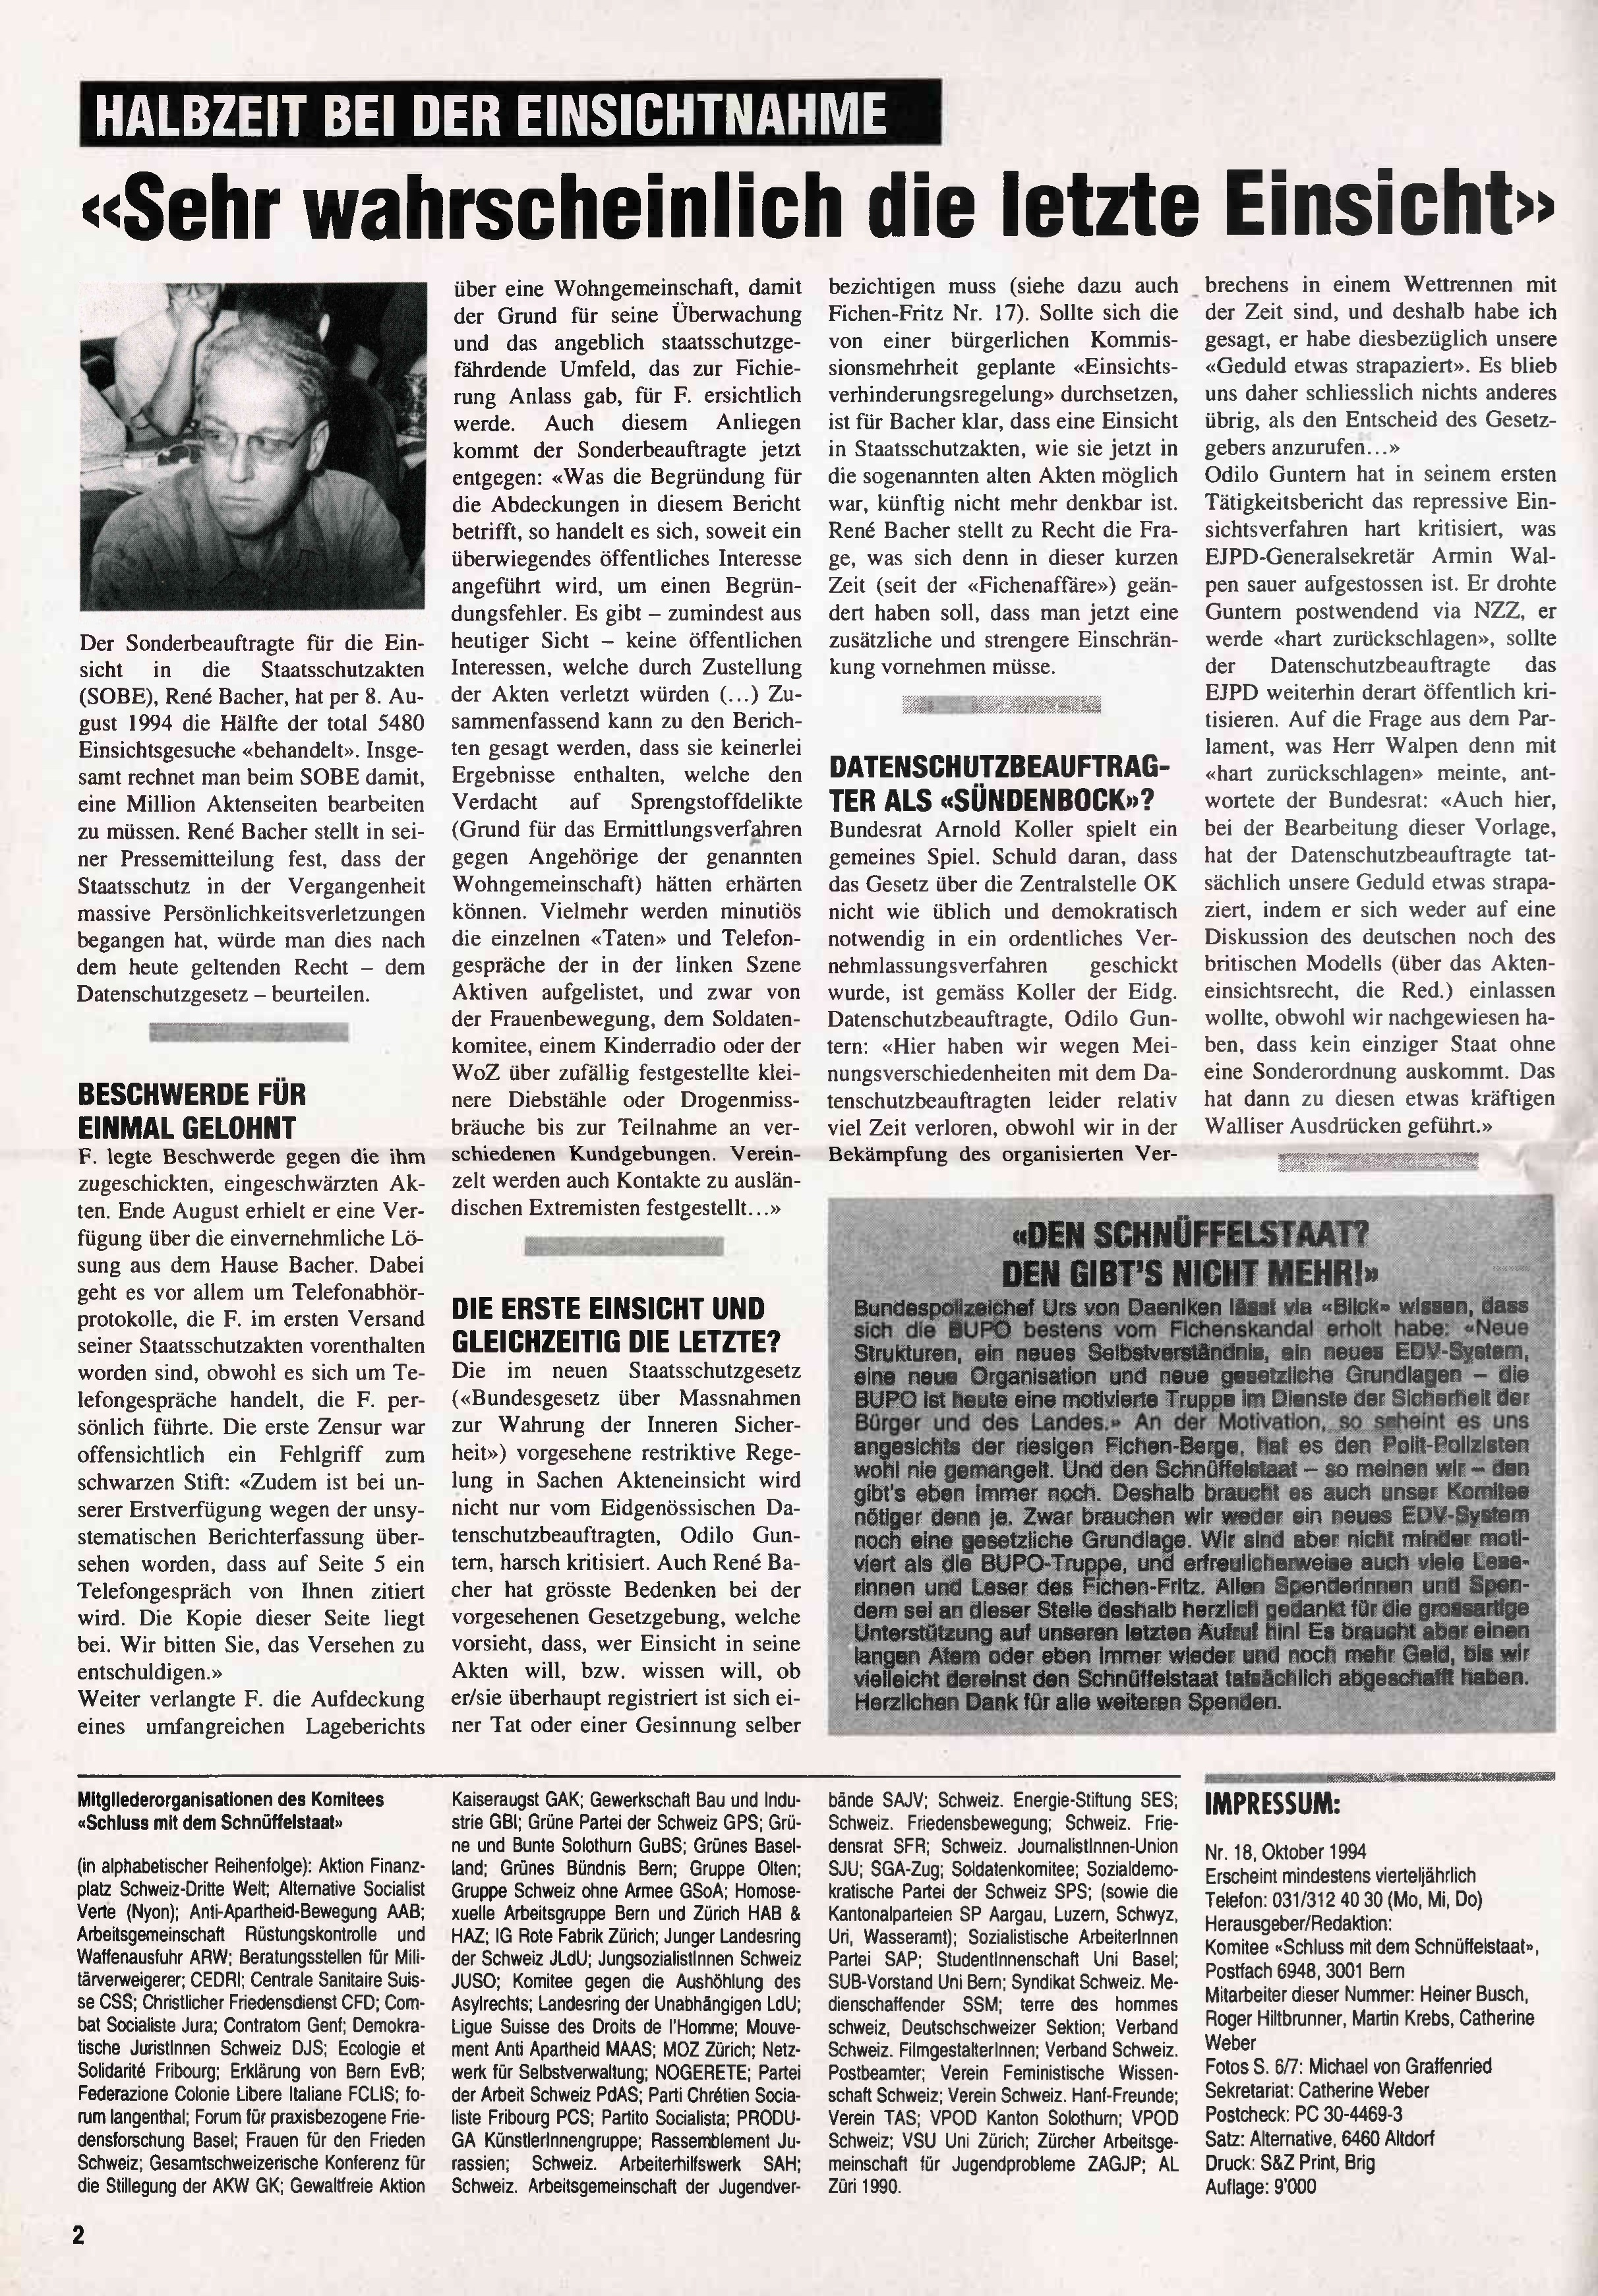 FICHEN FRITZ NR. 18 - SEITE 2